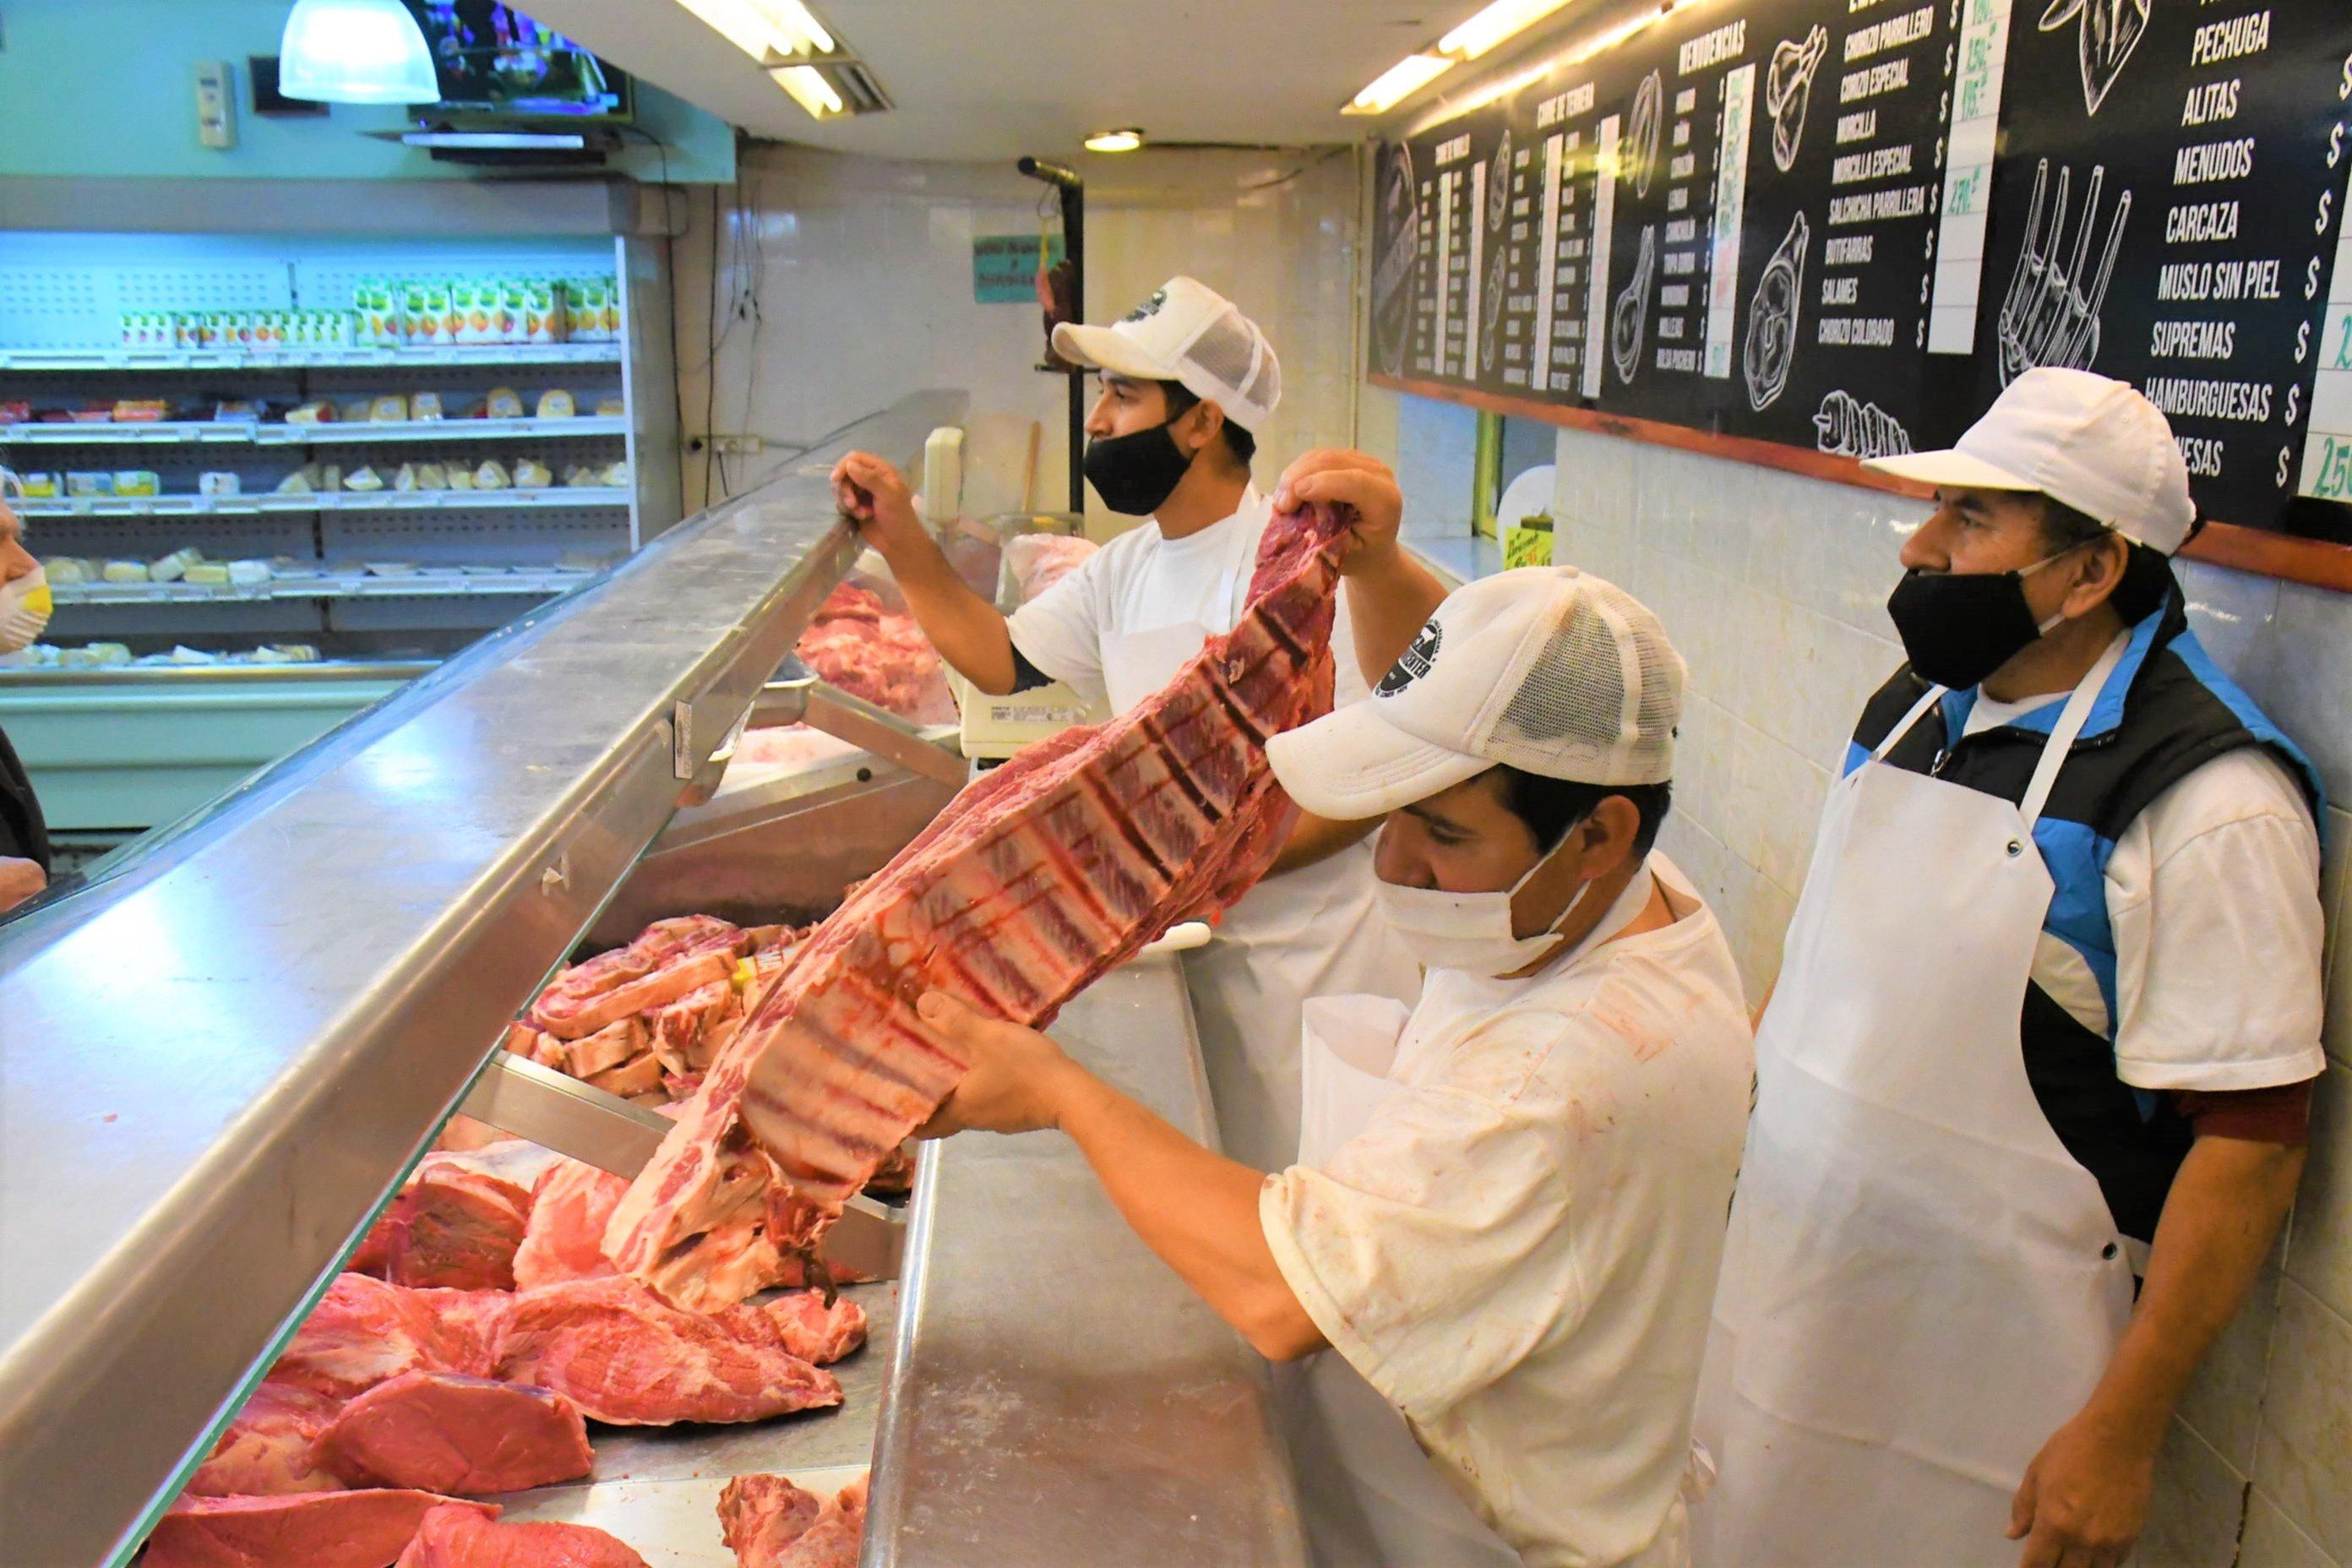 <p>Carnicerías. Buena demanda en estos días y siguen expectantes.</p>